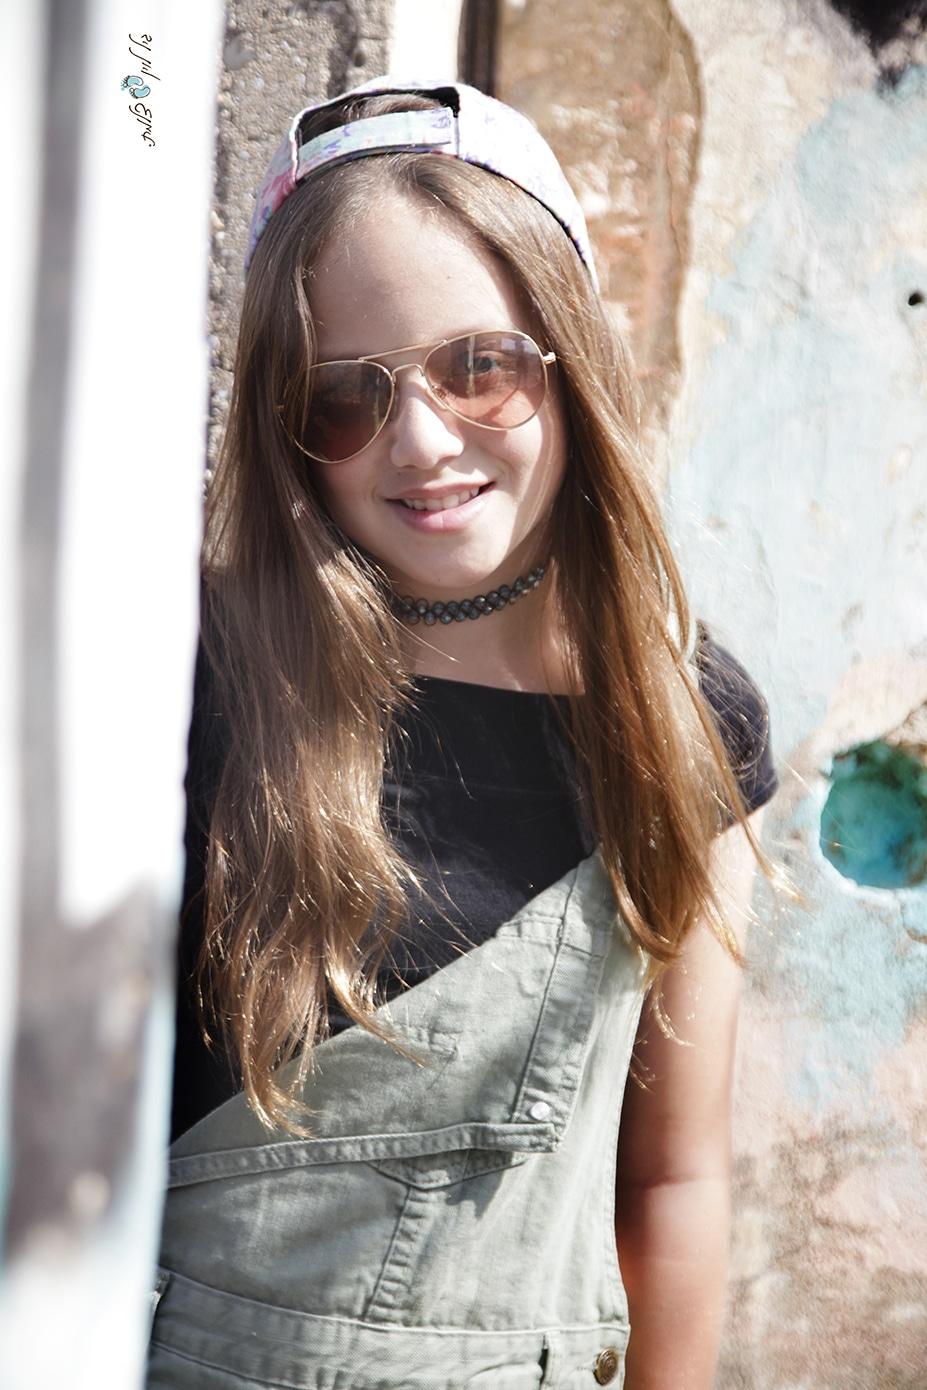 בוק בת מצווה לעמית - סטודיו גיל לוין (6)